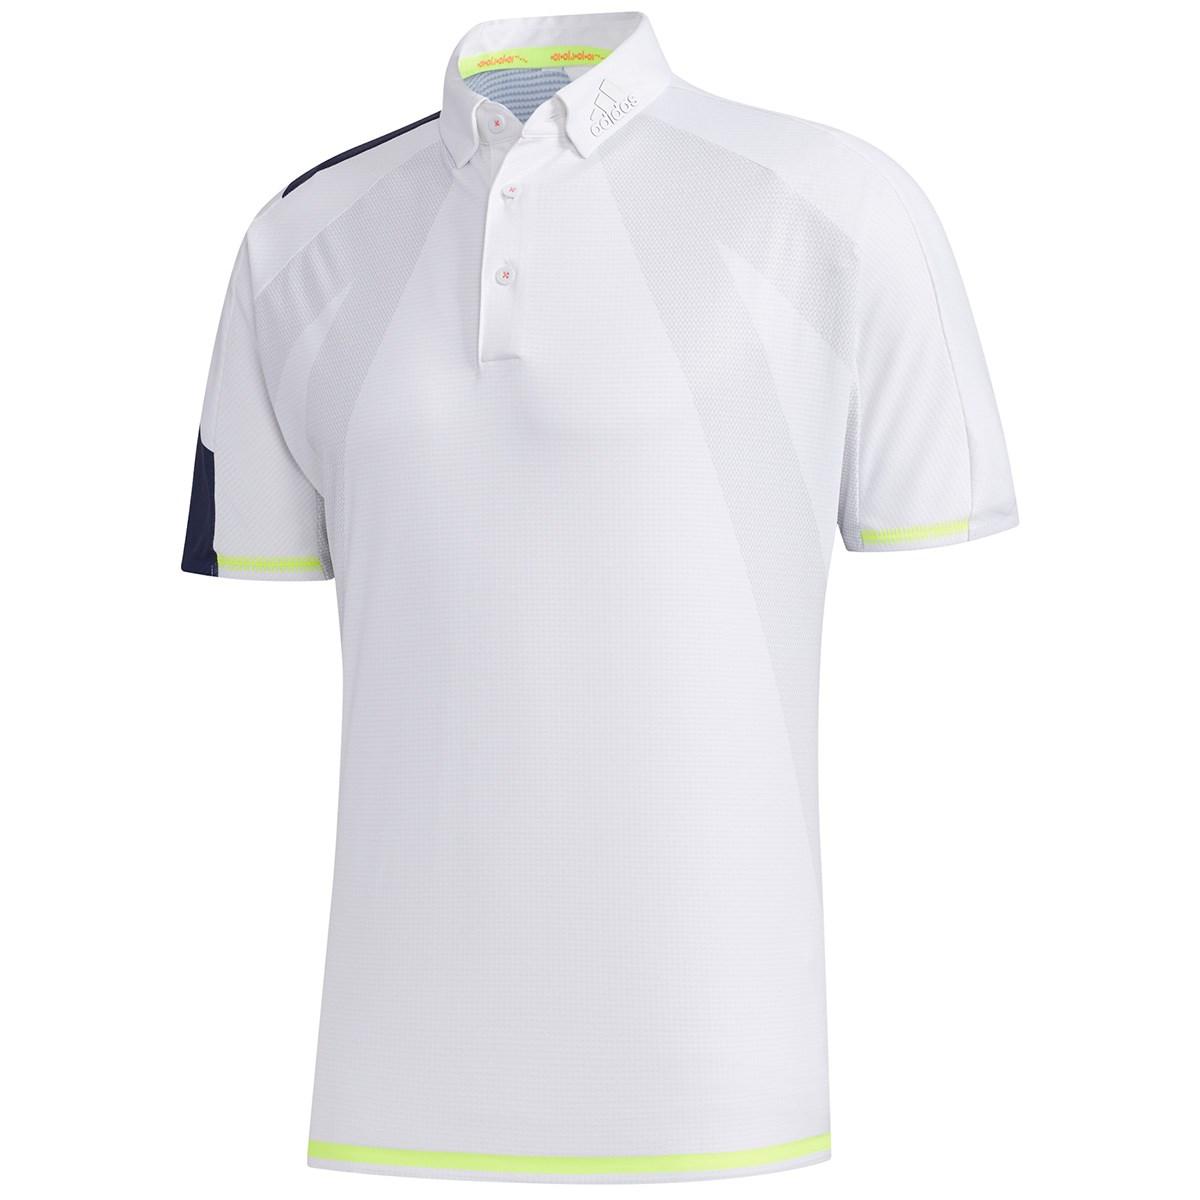 アディダス(adidas) シングルパネル 半袖ポロシャツ